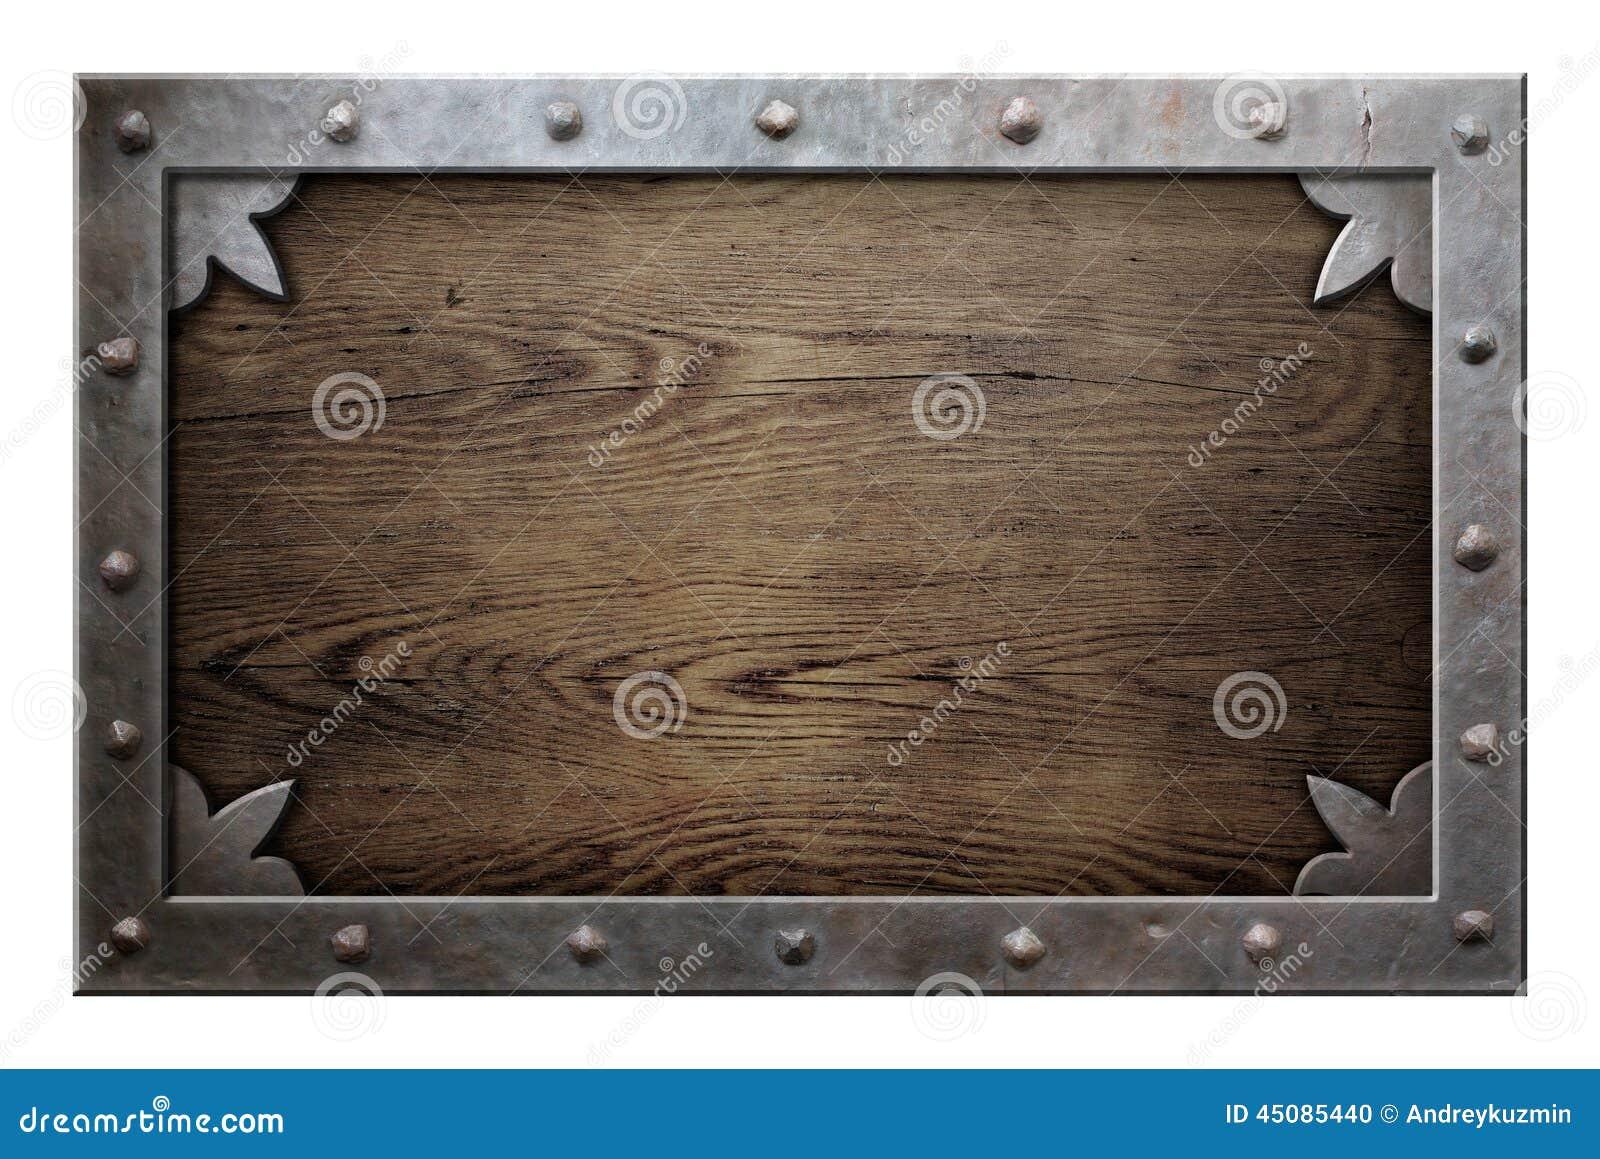 vieux cadre en m tal au dessus de fond en bois photo stock. Black Bedroom Furniture Sets. Home Design Ideas